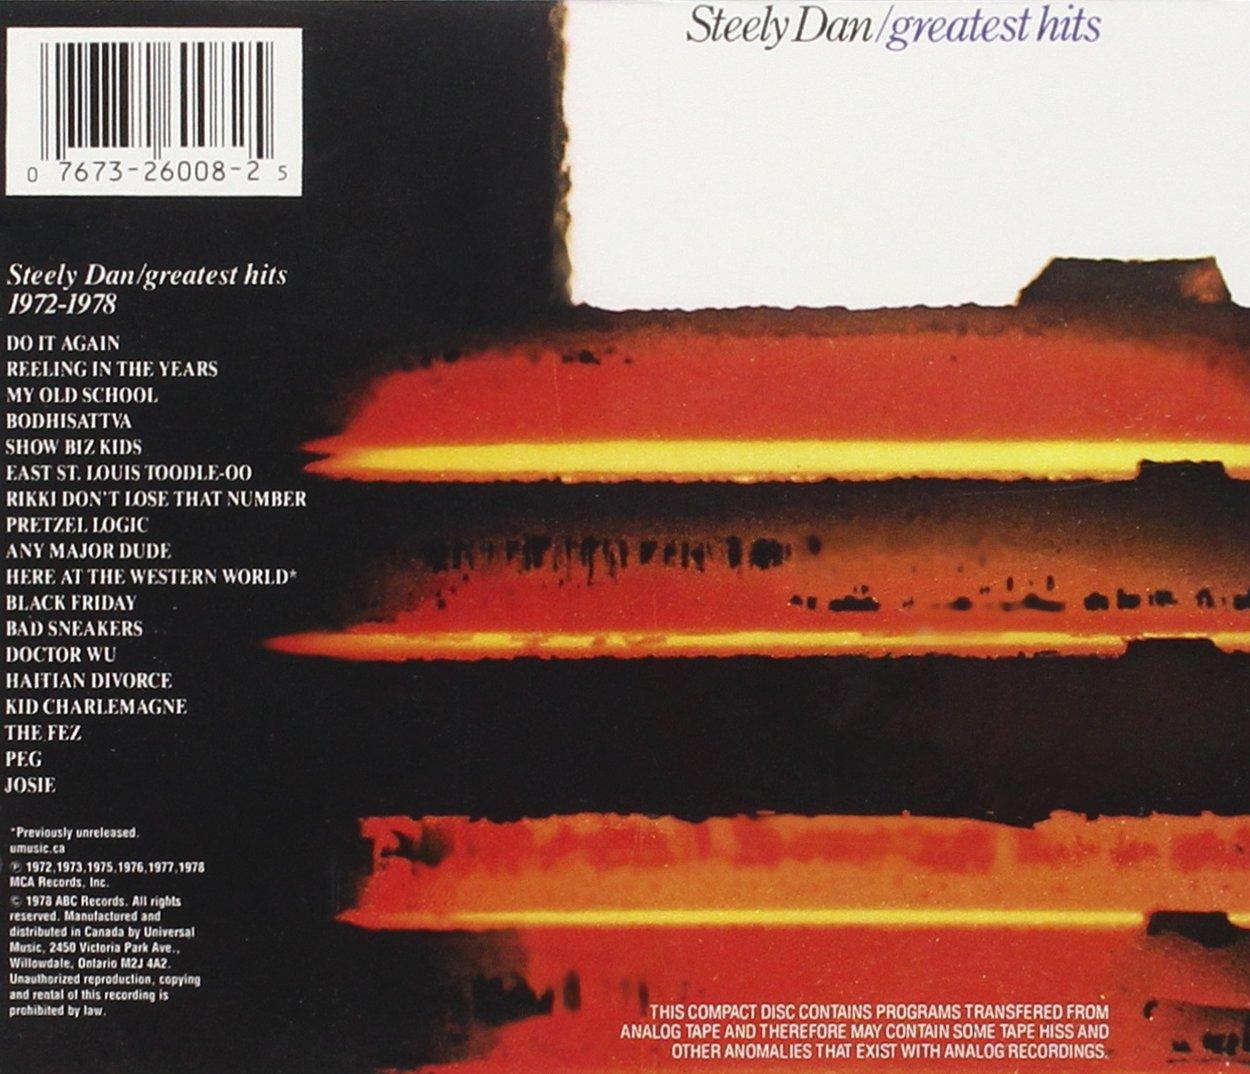 Greatest hits 1972 1978 steely dan amazon music hexwebz Images